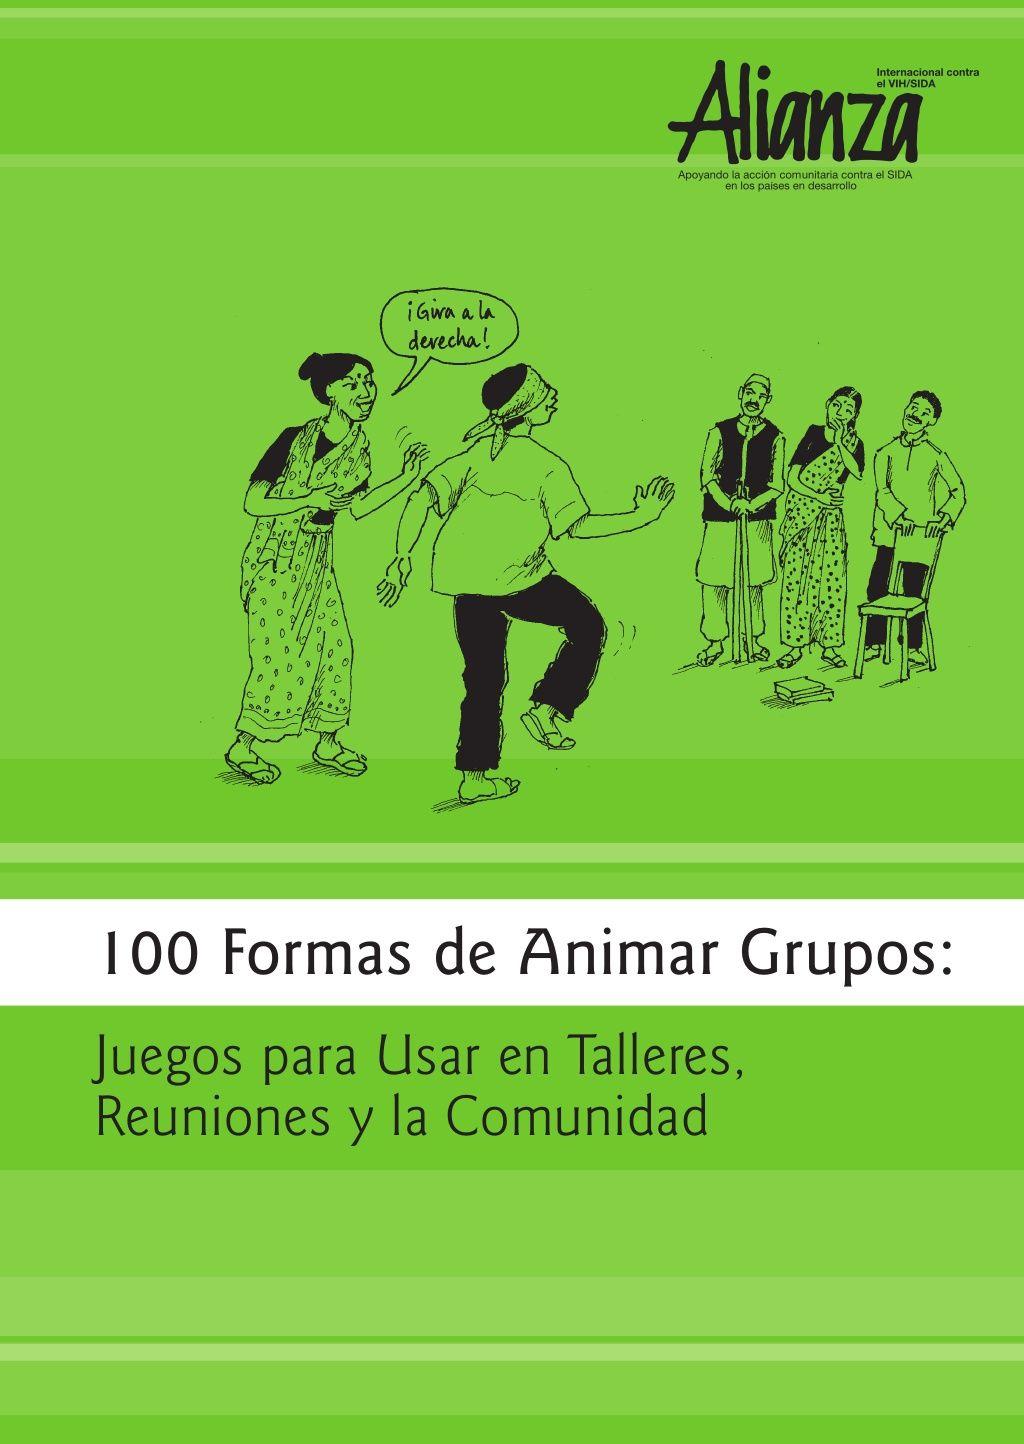 100 formas de animar grupos, juego para usar en talleres, reuniones ...